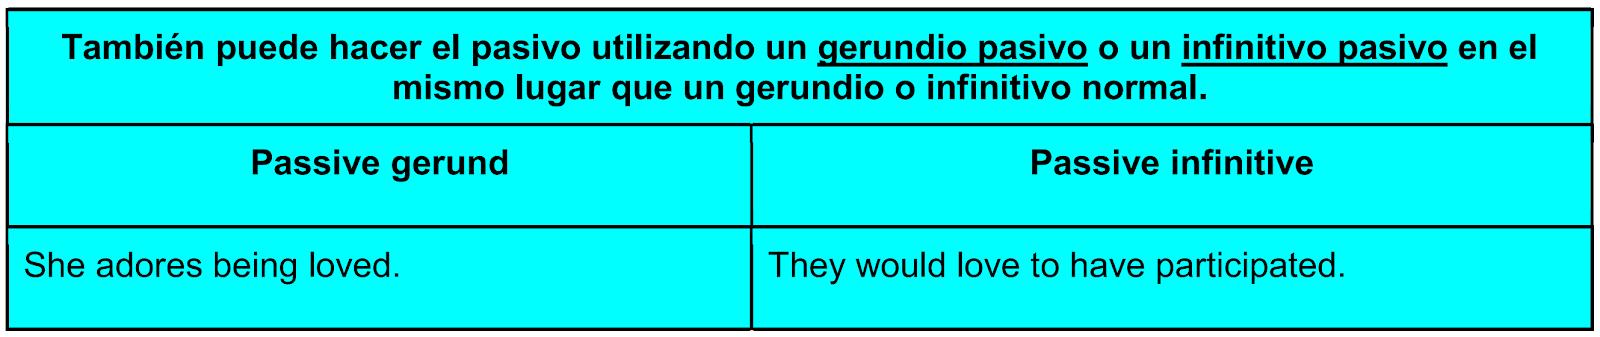 Utilice el gerundio pasivo y el infinitivo pasivo en inglés